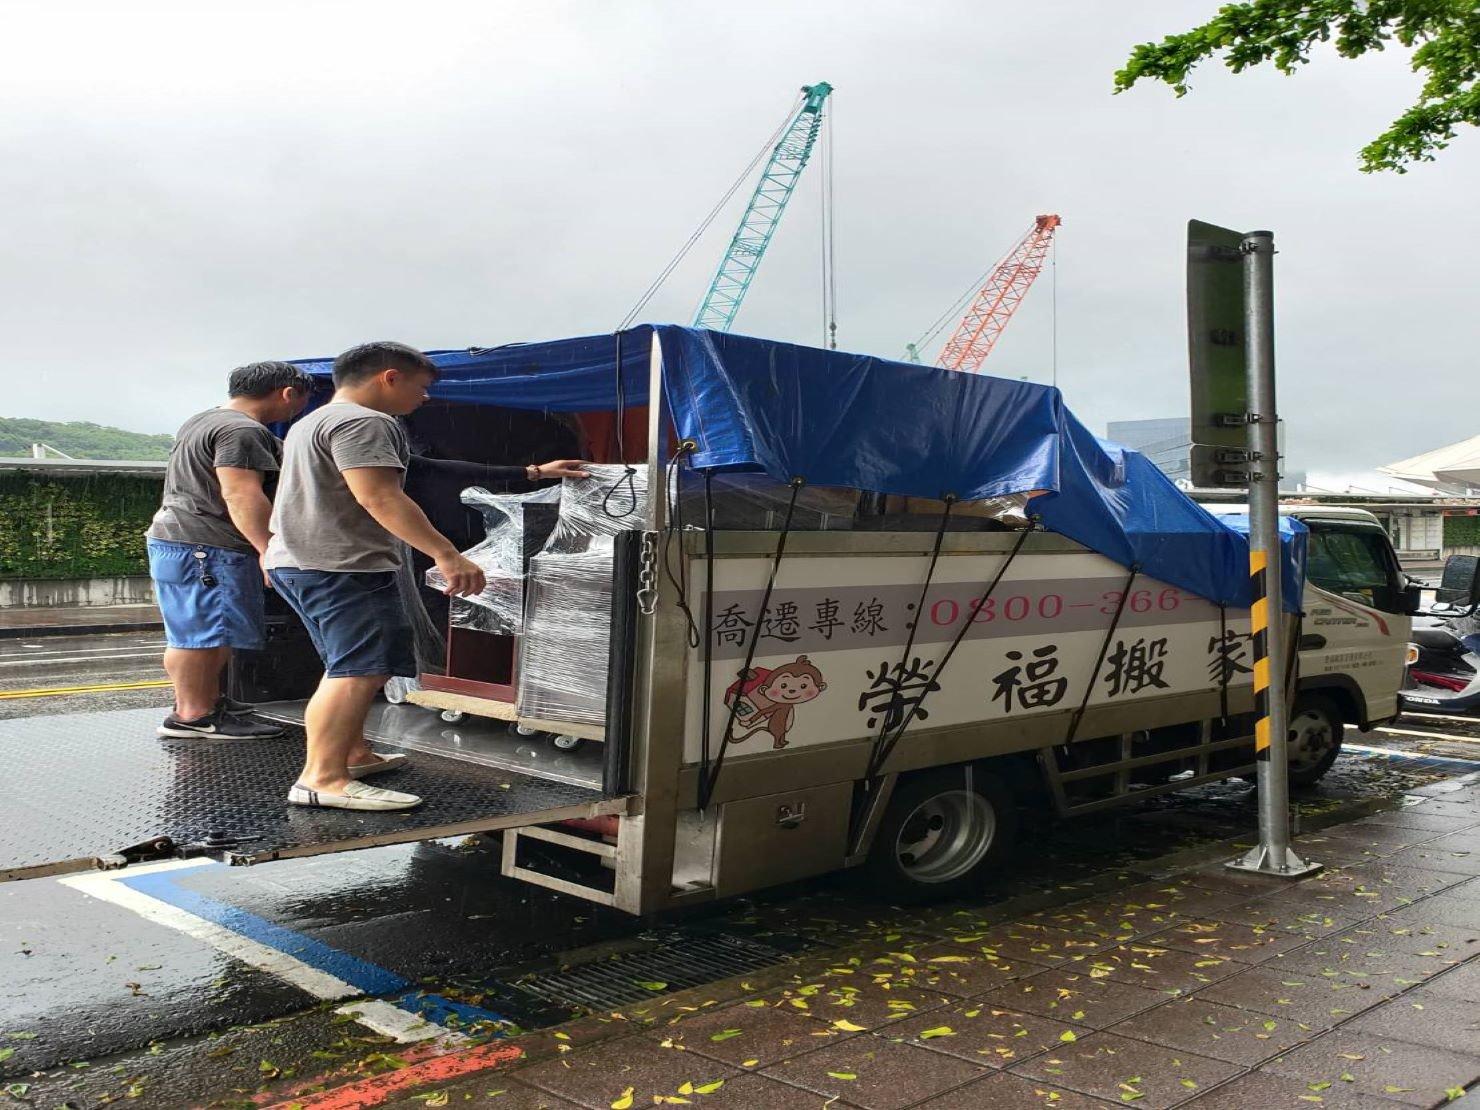 台北搬家【榮福搬家】搬家推薦給您最優質、最安全的搬遷服務:做好搬家物品、家具防護讓客戶看的到的安心、放心